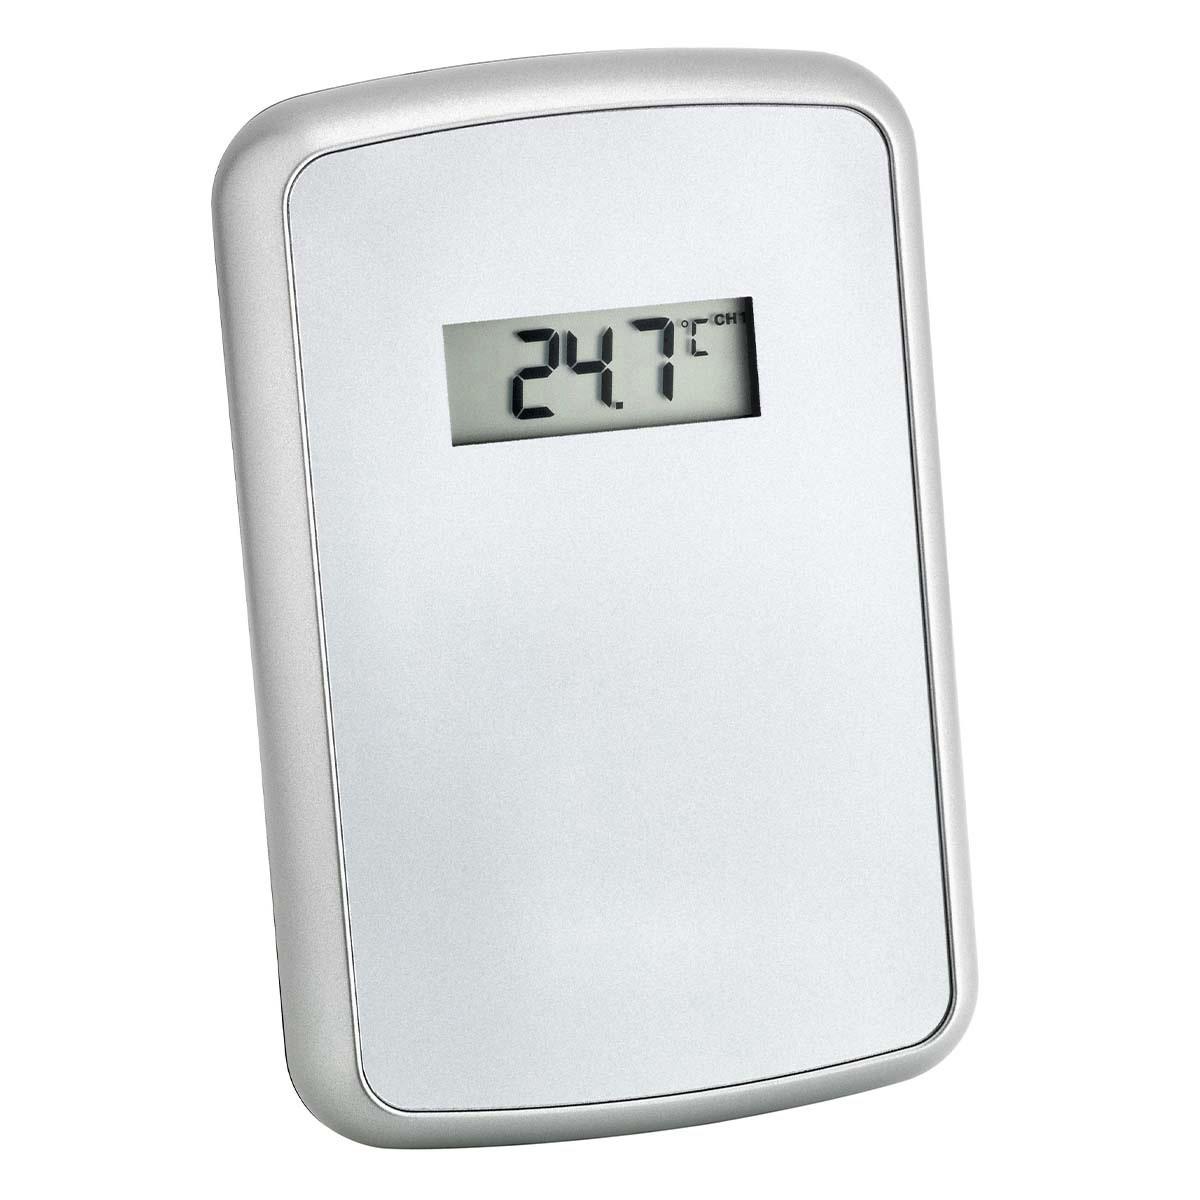 30-3194-54-s2-temperatursender-1200x1200px.jpg